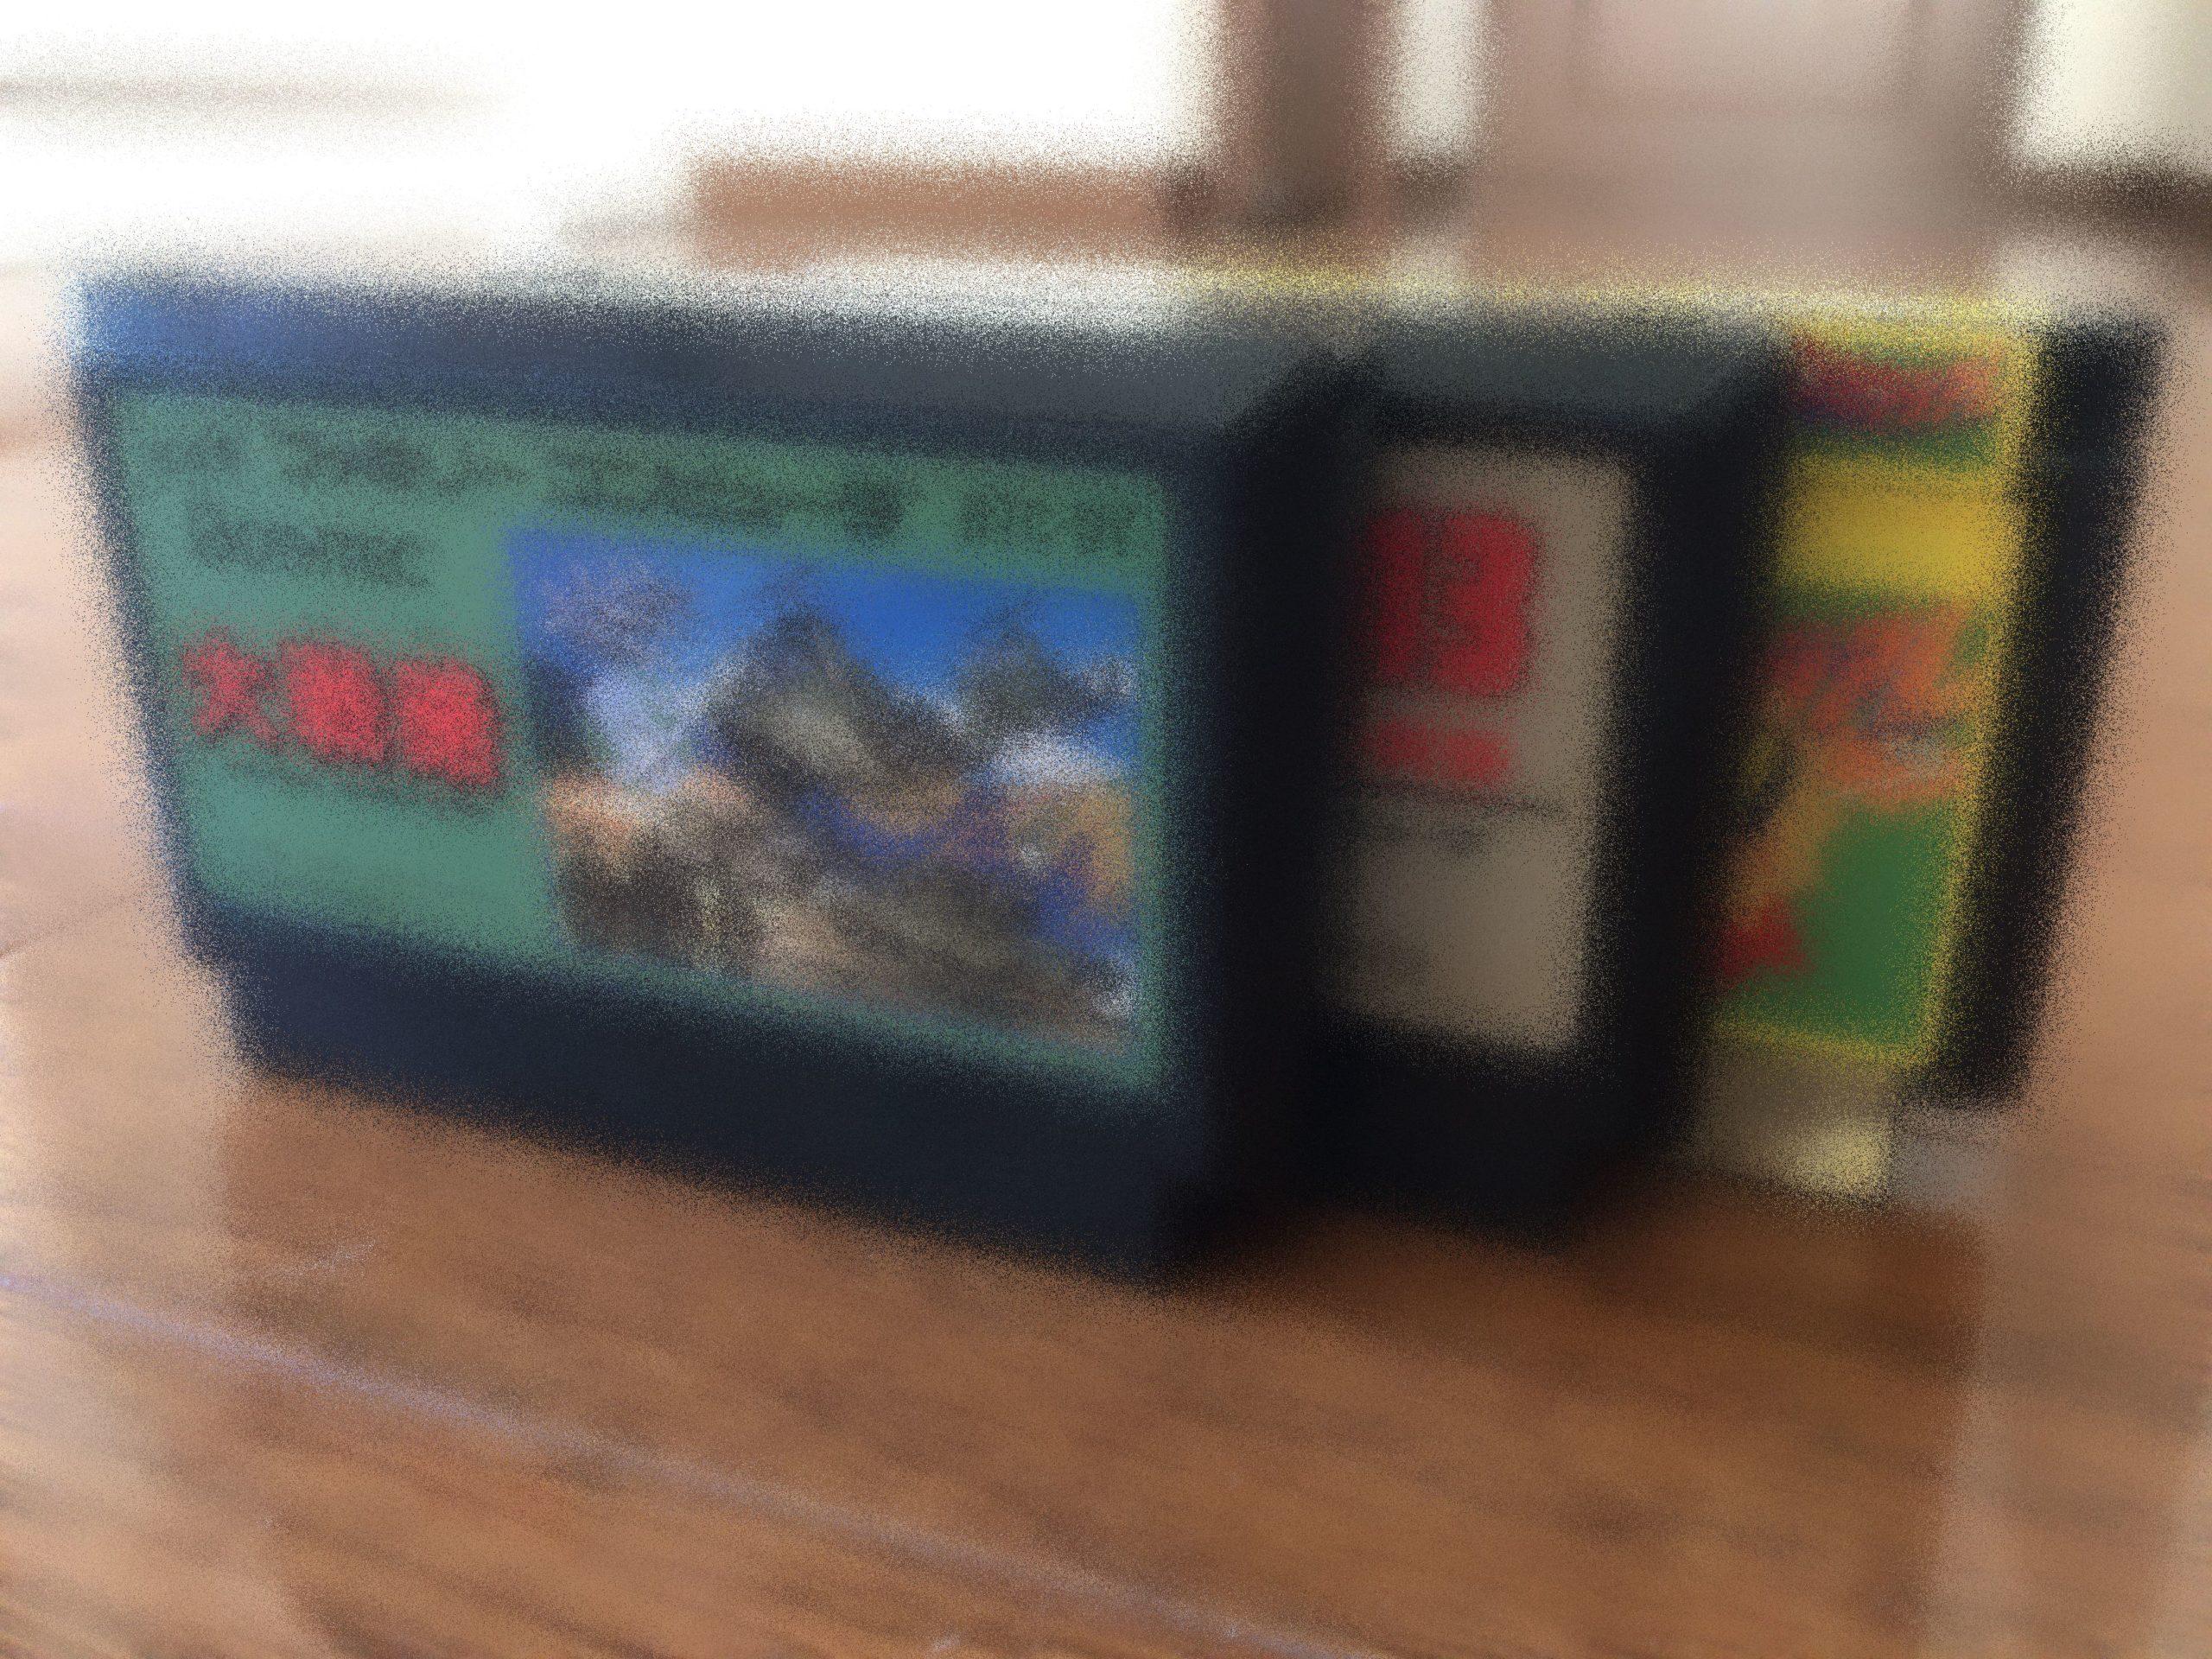 ファミコンカセット本日の成果は3本です。そのうちファミスタ87が、ダブっていました